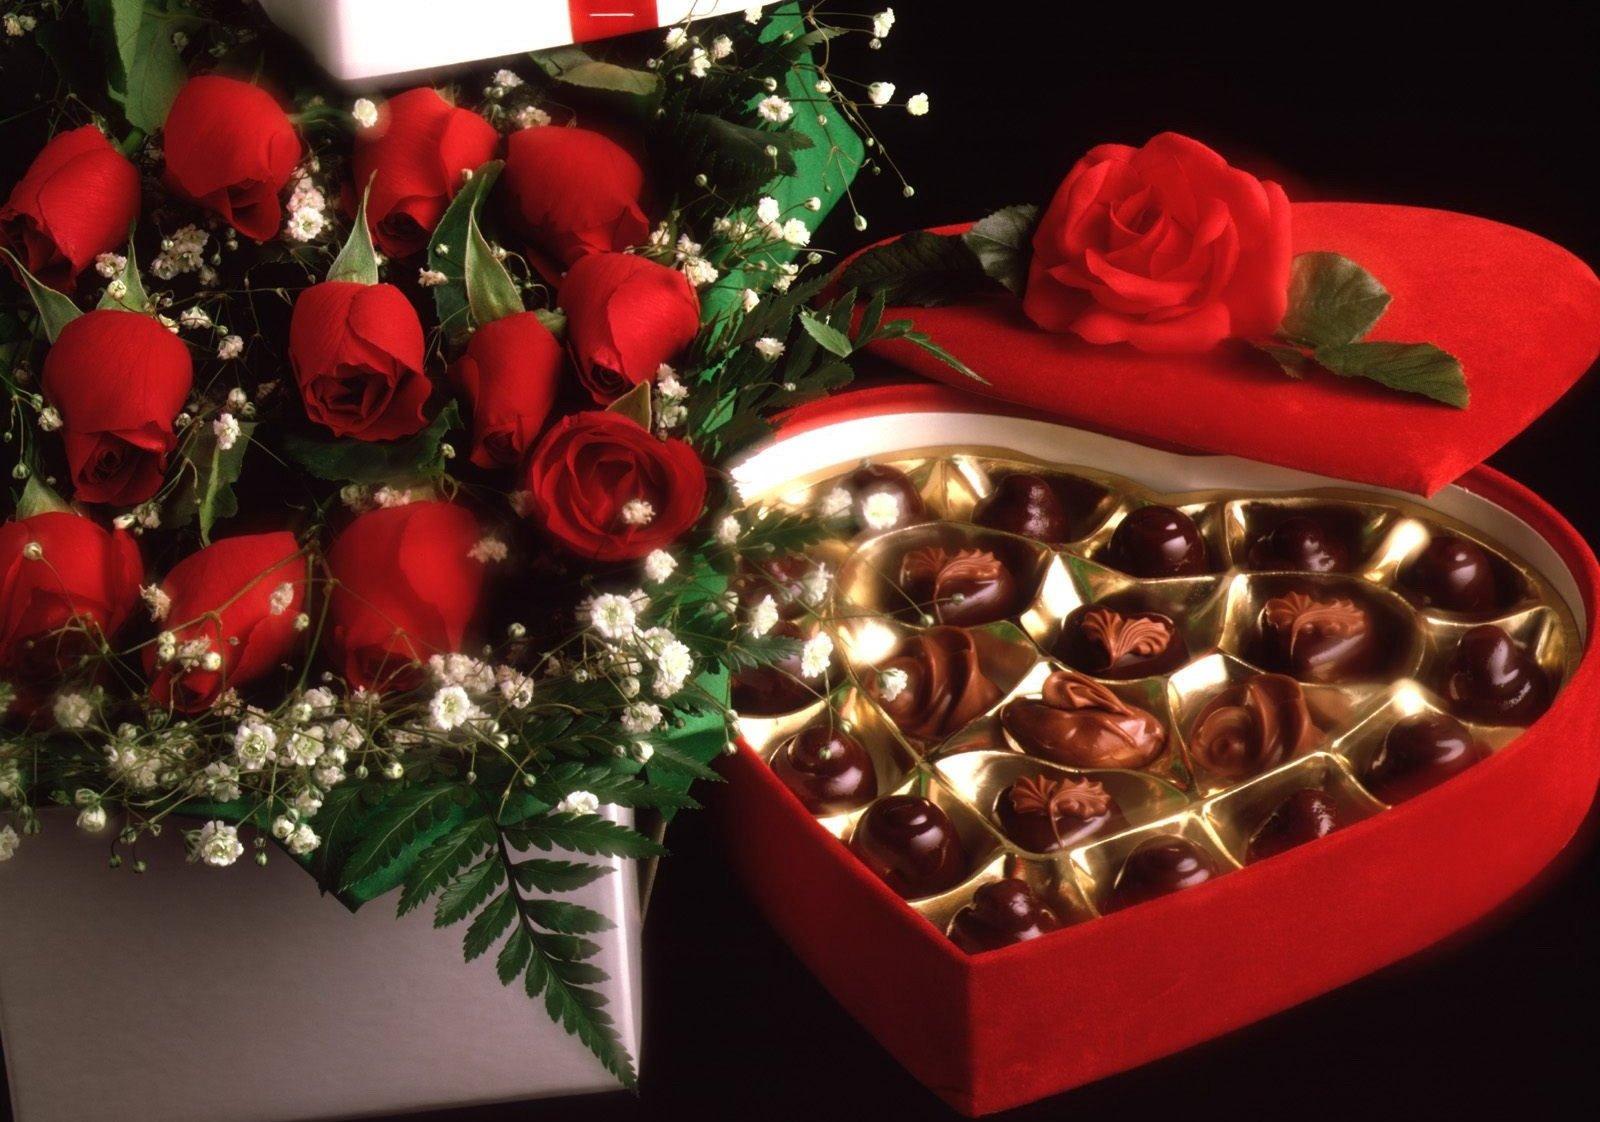 Hoa hồng và socola là món quà tặng Valentine được nhiều người lựa chọn